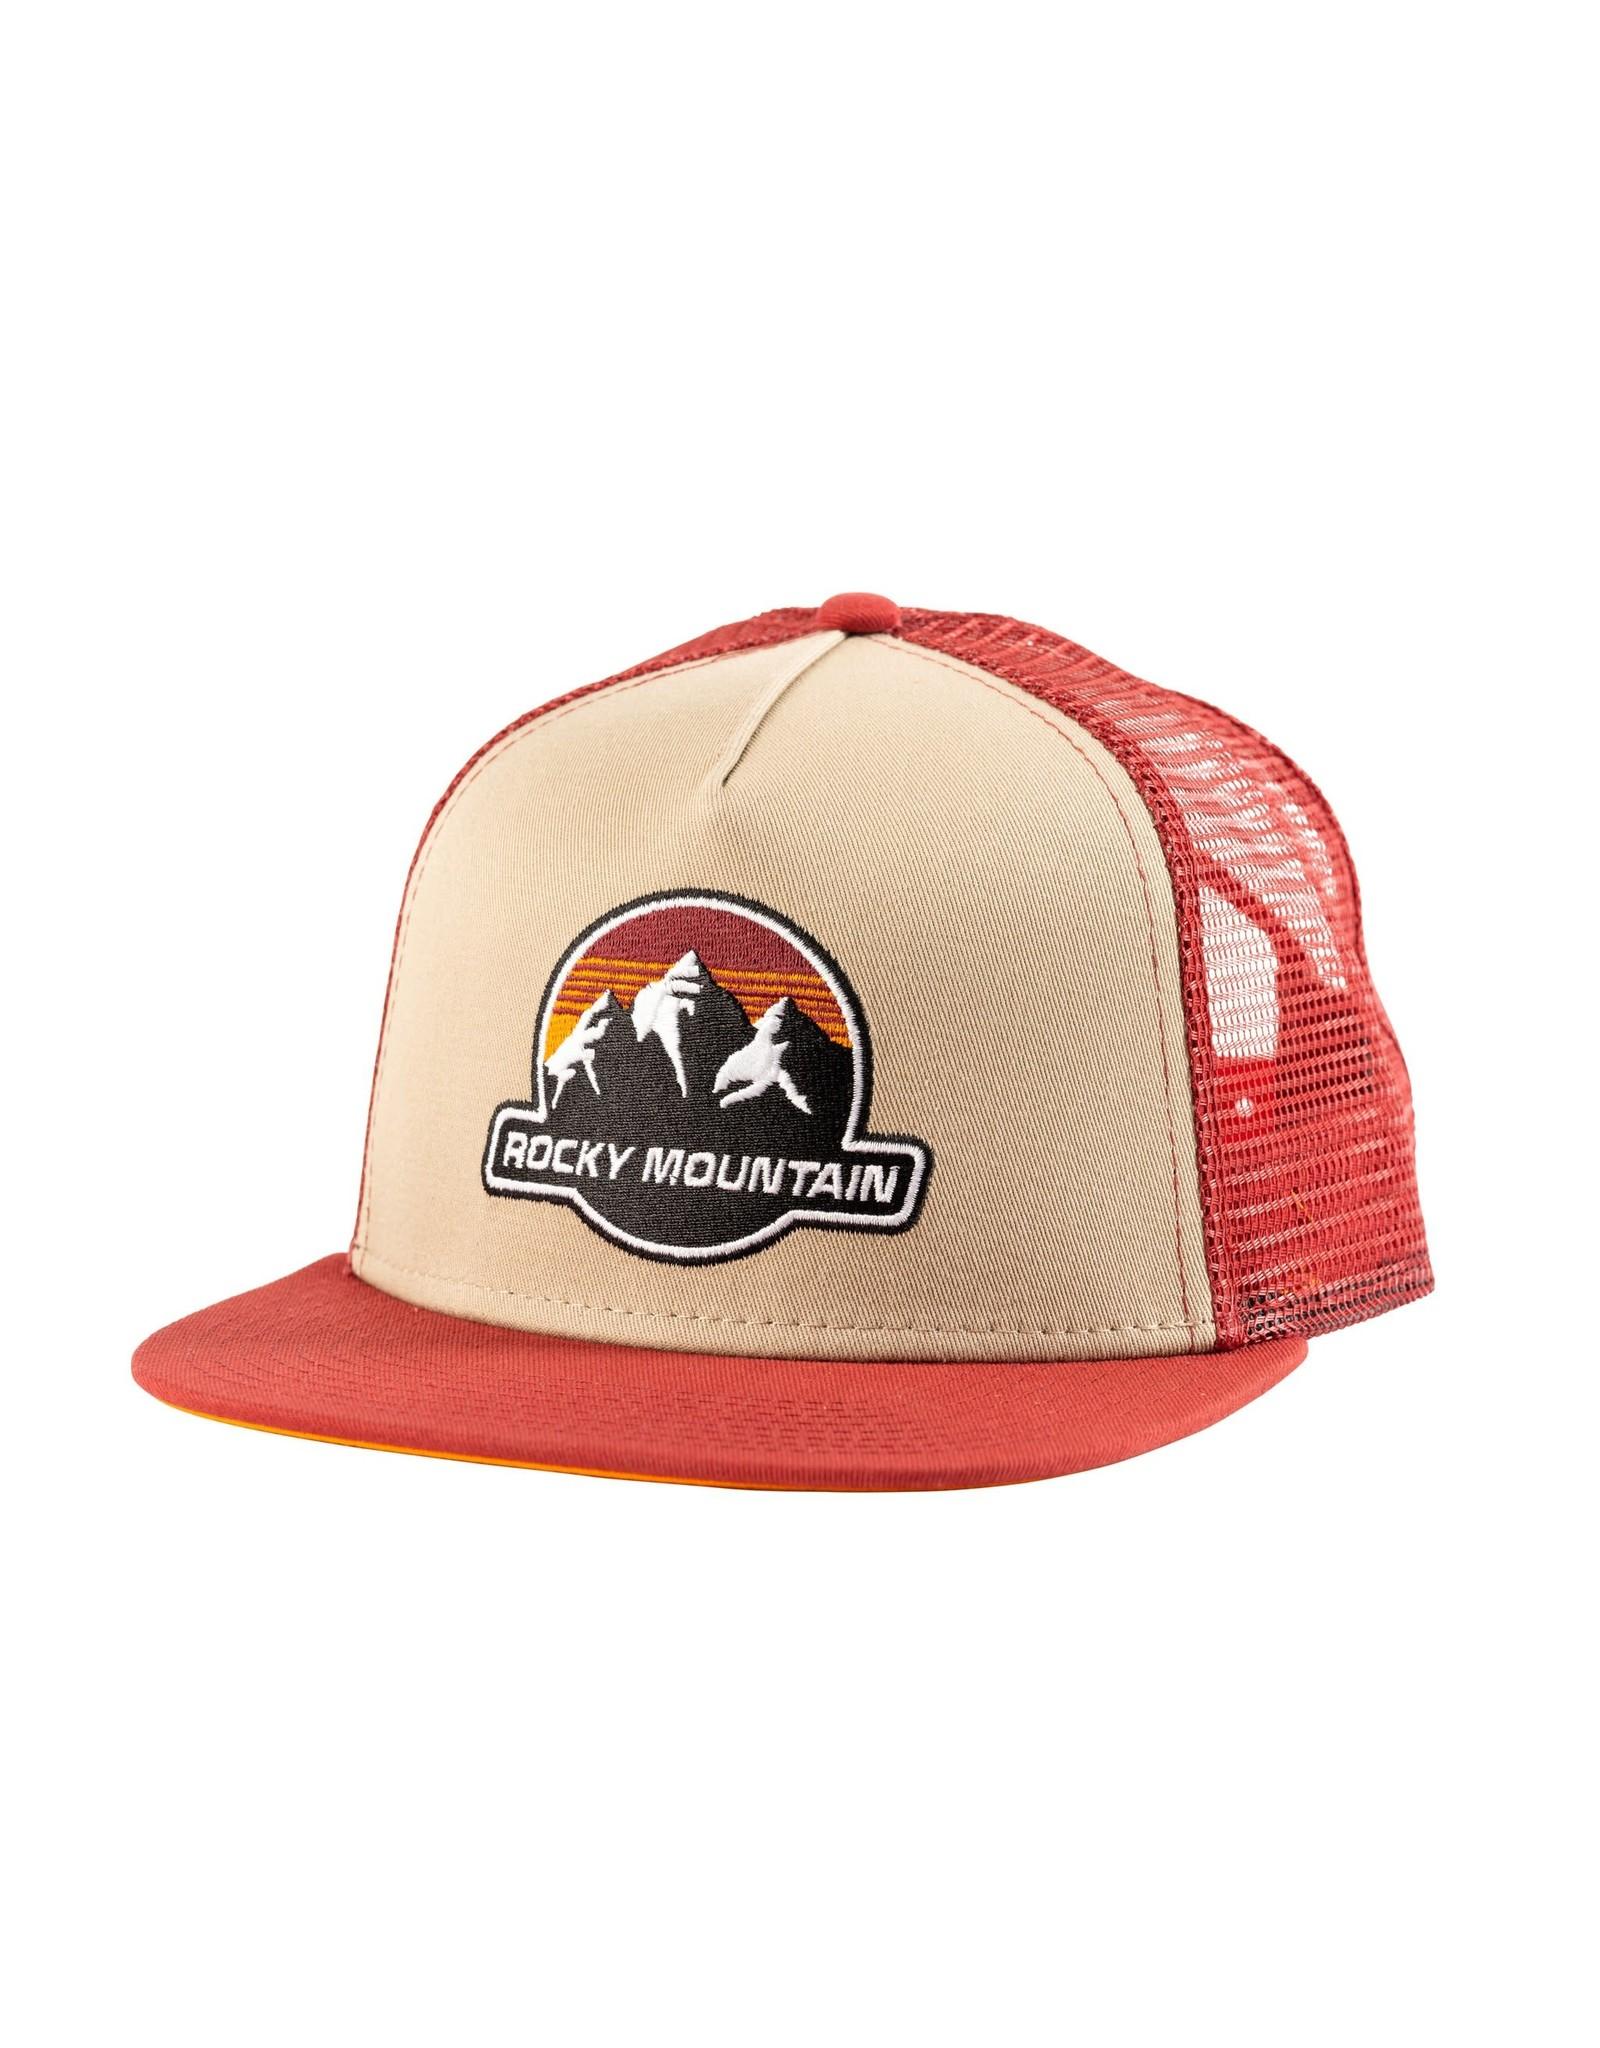 Rocky Mountain Rocky Mountain Logo Trucker Hat - Instinct